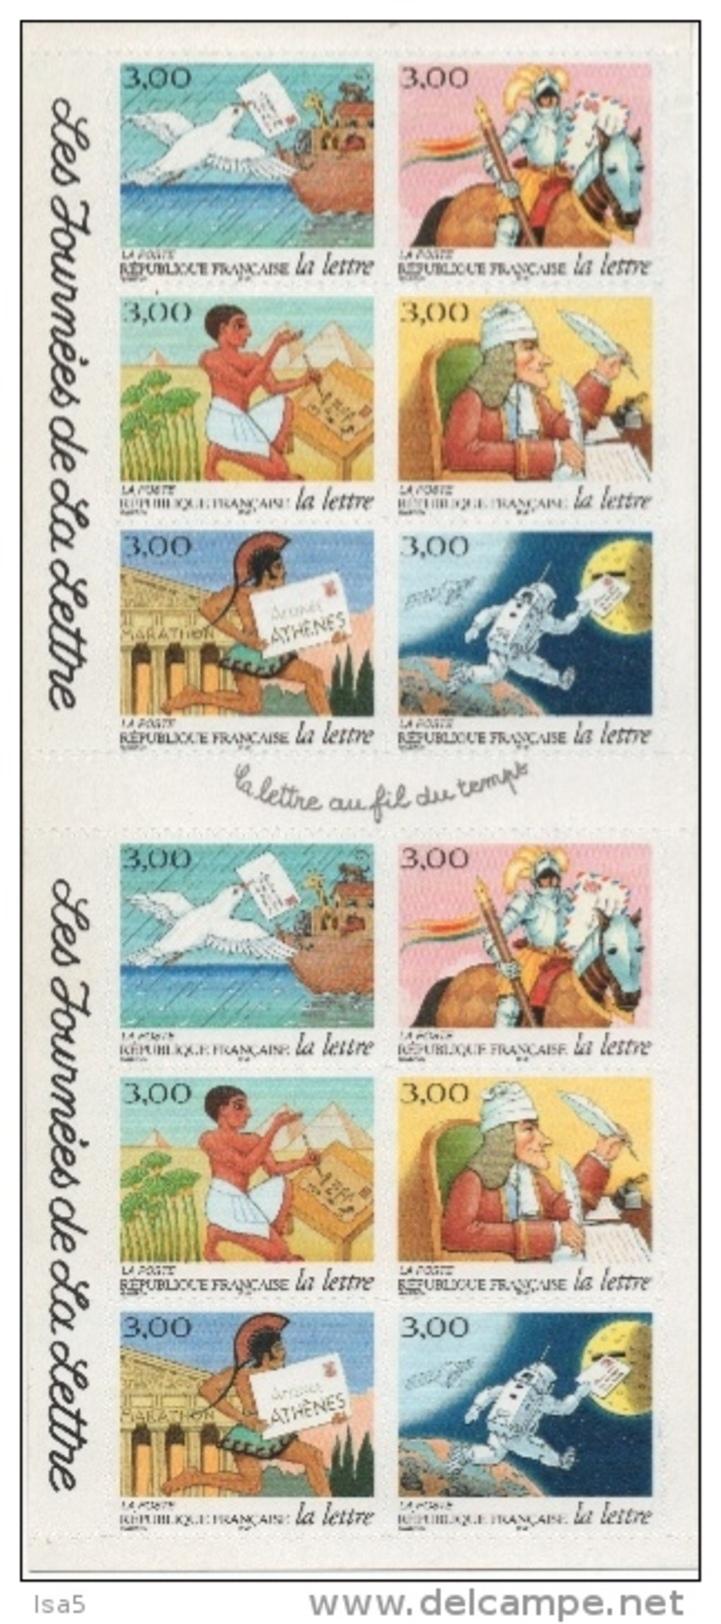 FRANCE 1998 - Carnet BC 3161A - Neuf Non Plié - Freimarke